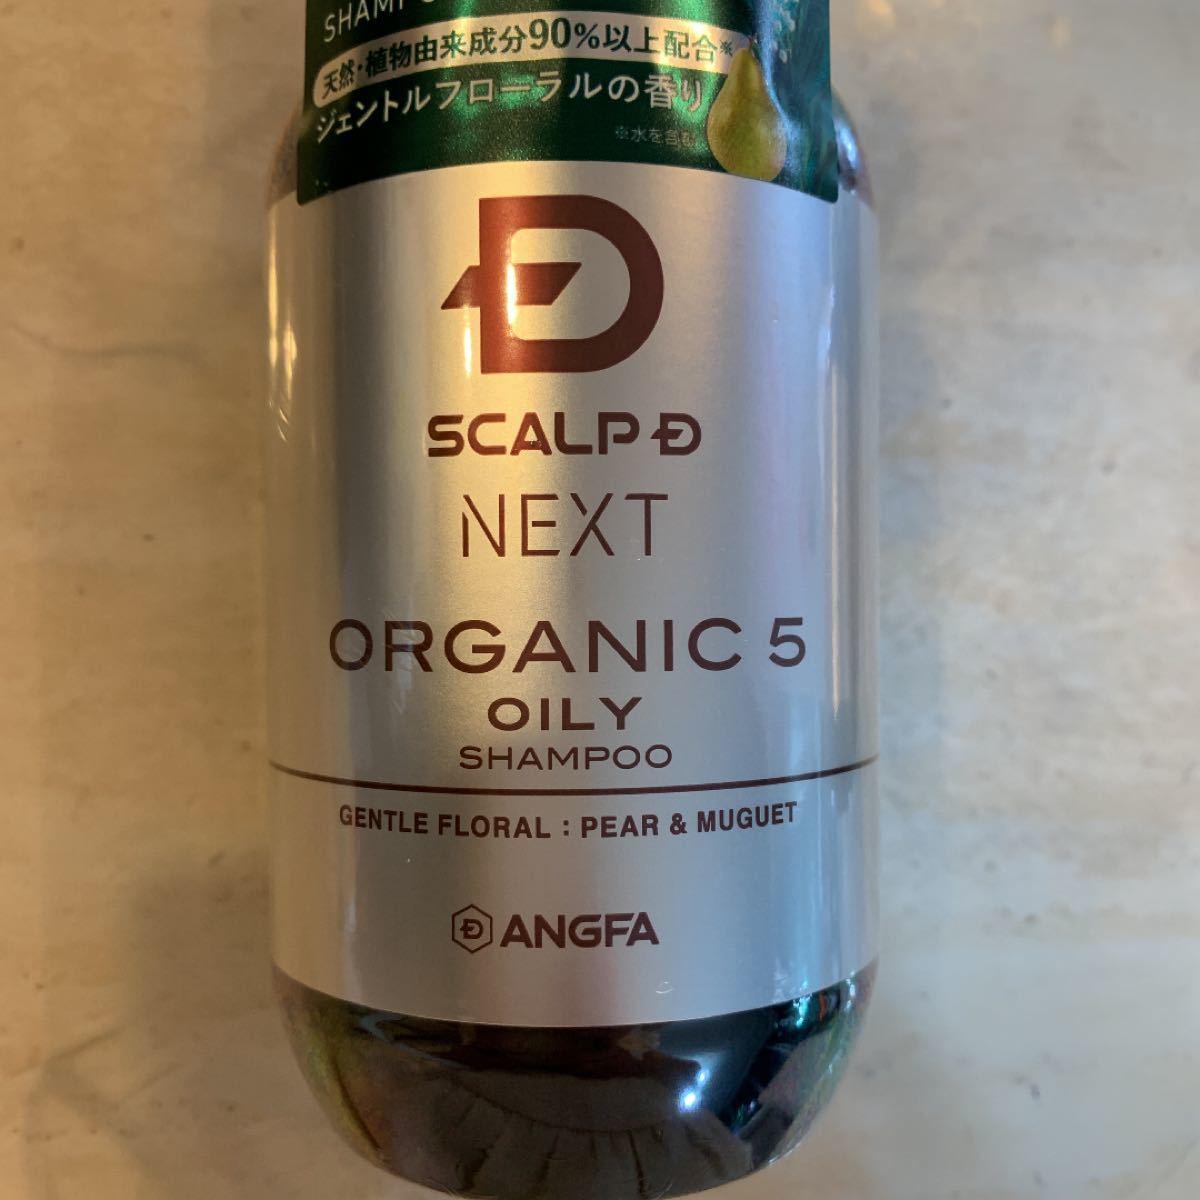 アンファースカルプDネクストスカルプシャンプー オイリー 脂性肌用 350ml 2本セット 新品未使用品